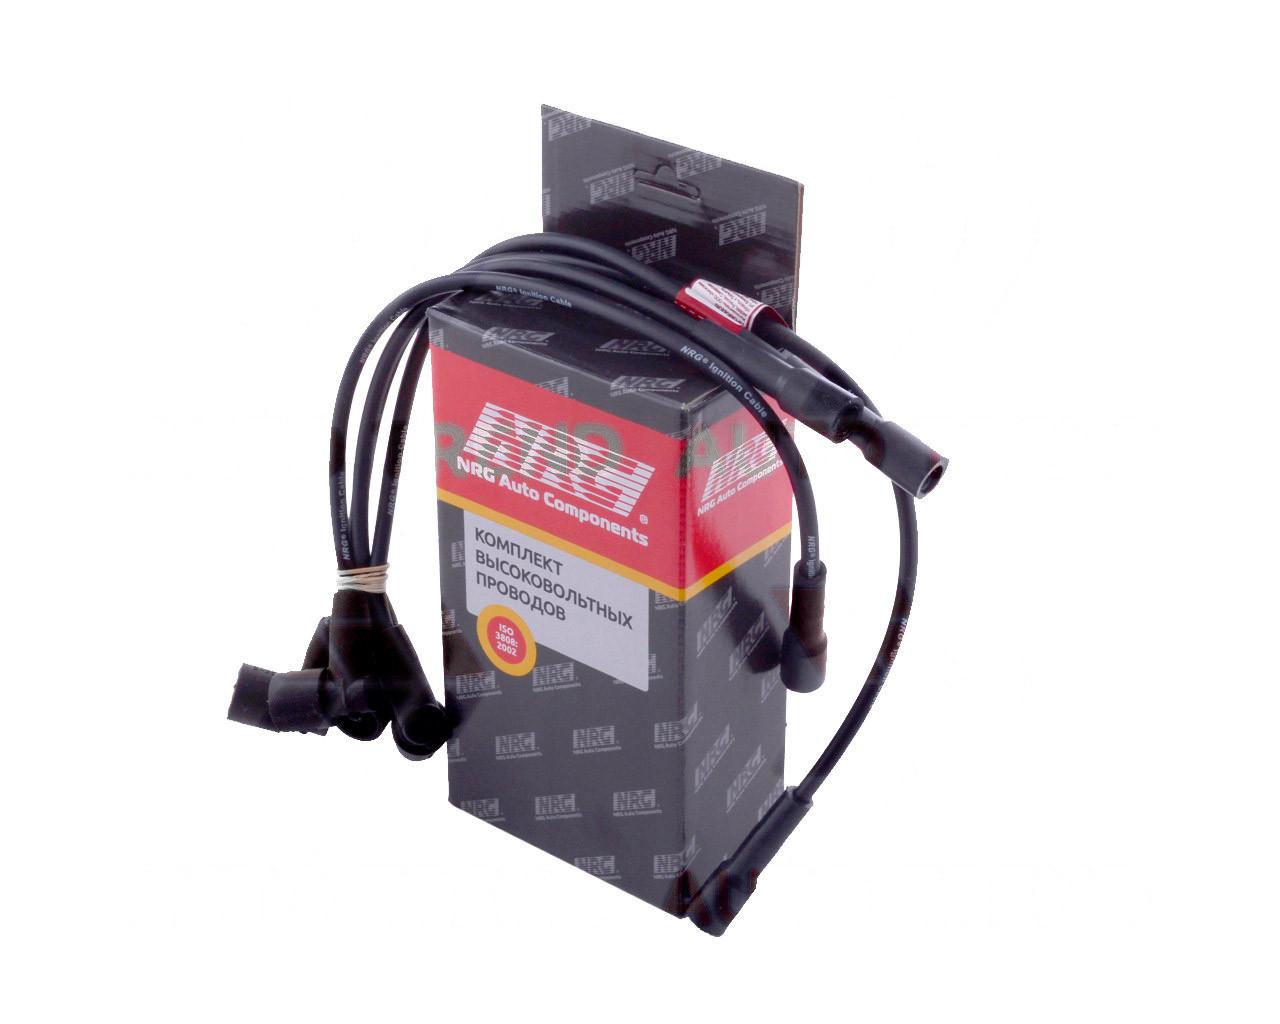 Провода зажигания ВАЗ 2110, 2111, 2112 инжектор 8 клапанный дв. 1,5, комплект, силикон (NRG). 2111-3707080